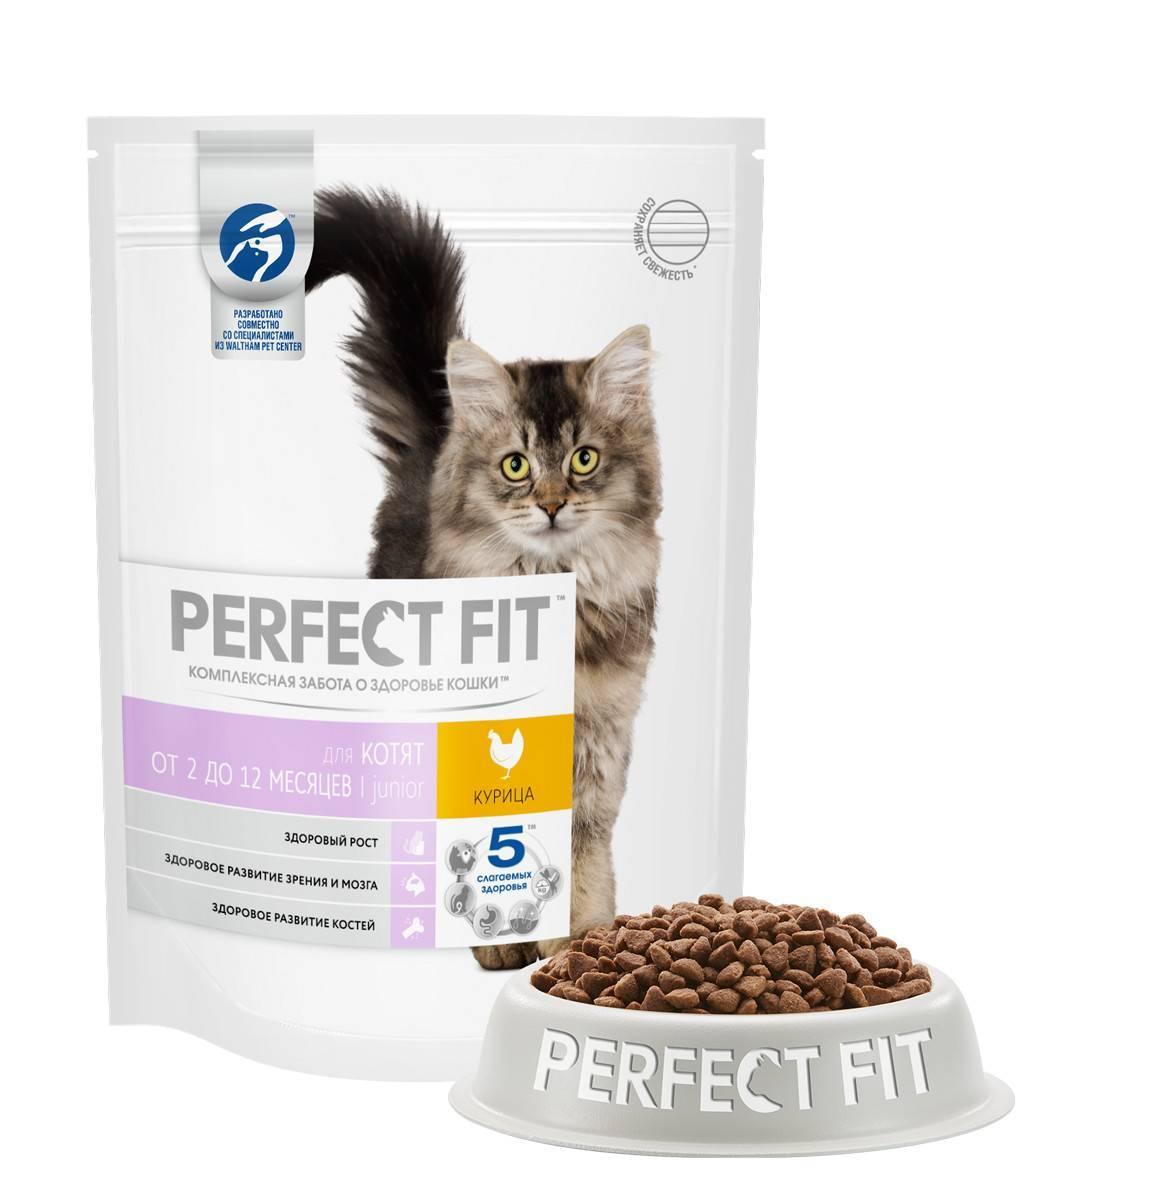 Корм для кошек perfect fit: отзывы и разбор состава - петобзор